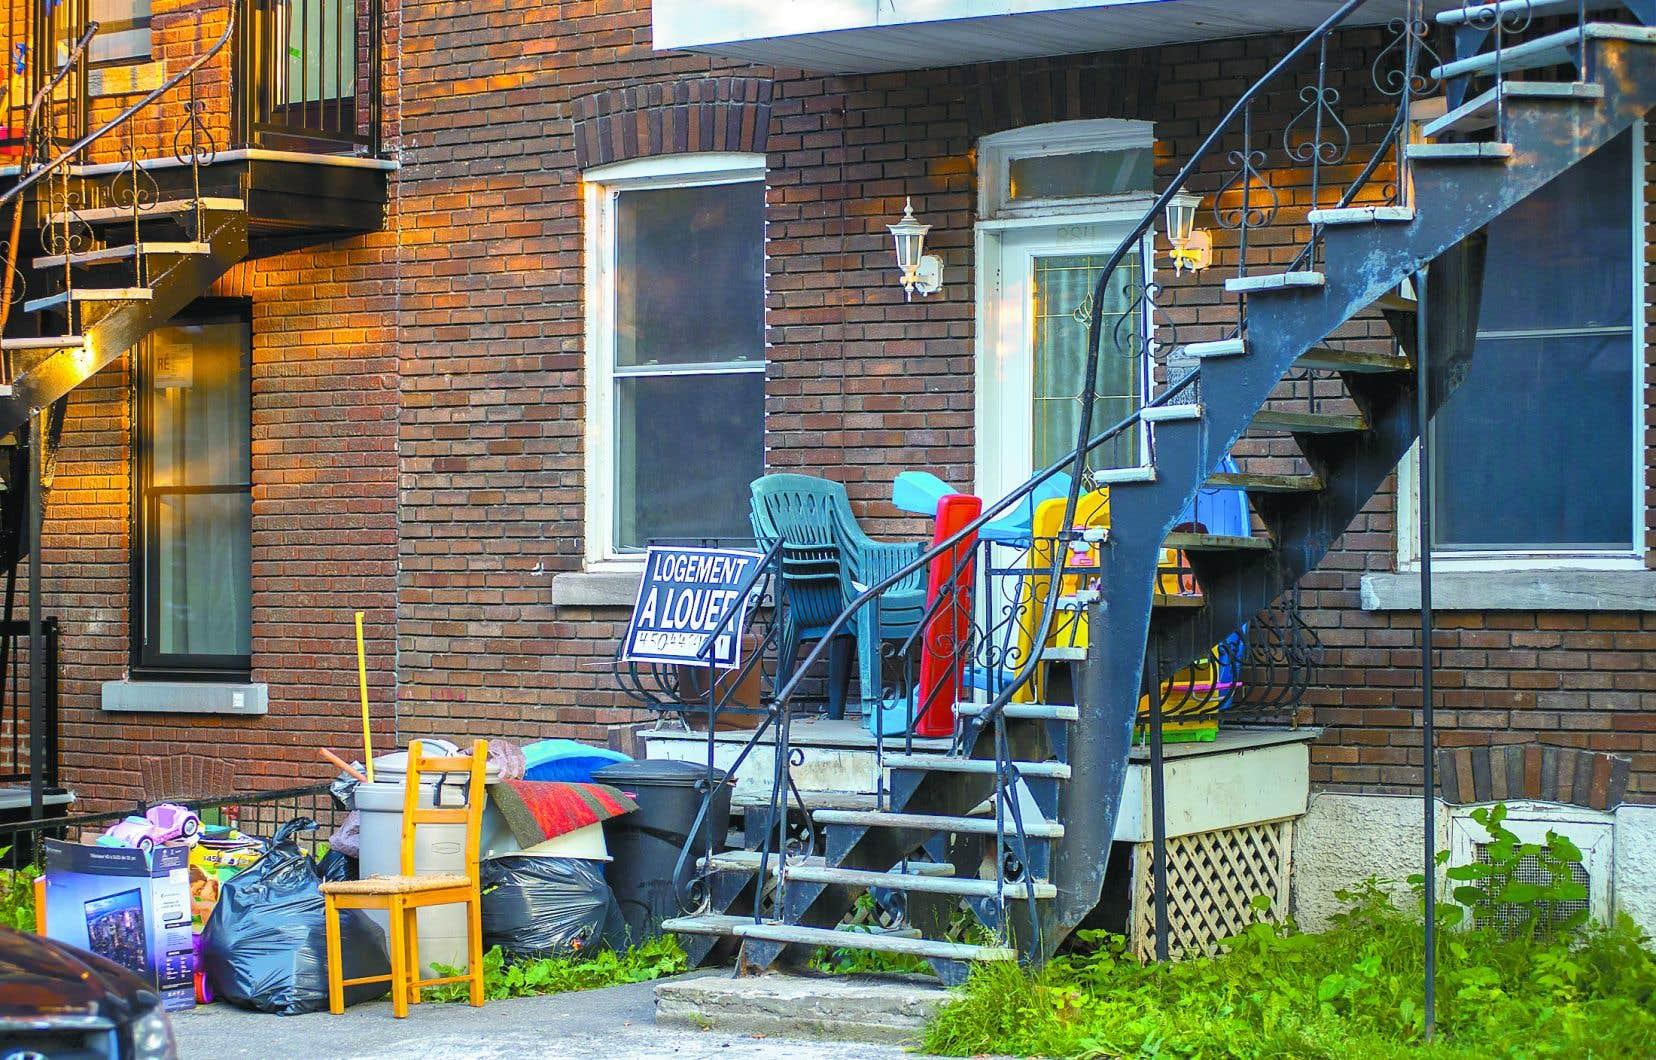 Les conséquences négatives de la crise du logement sont amplifiées en raison de la pandémie.